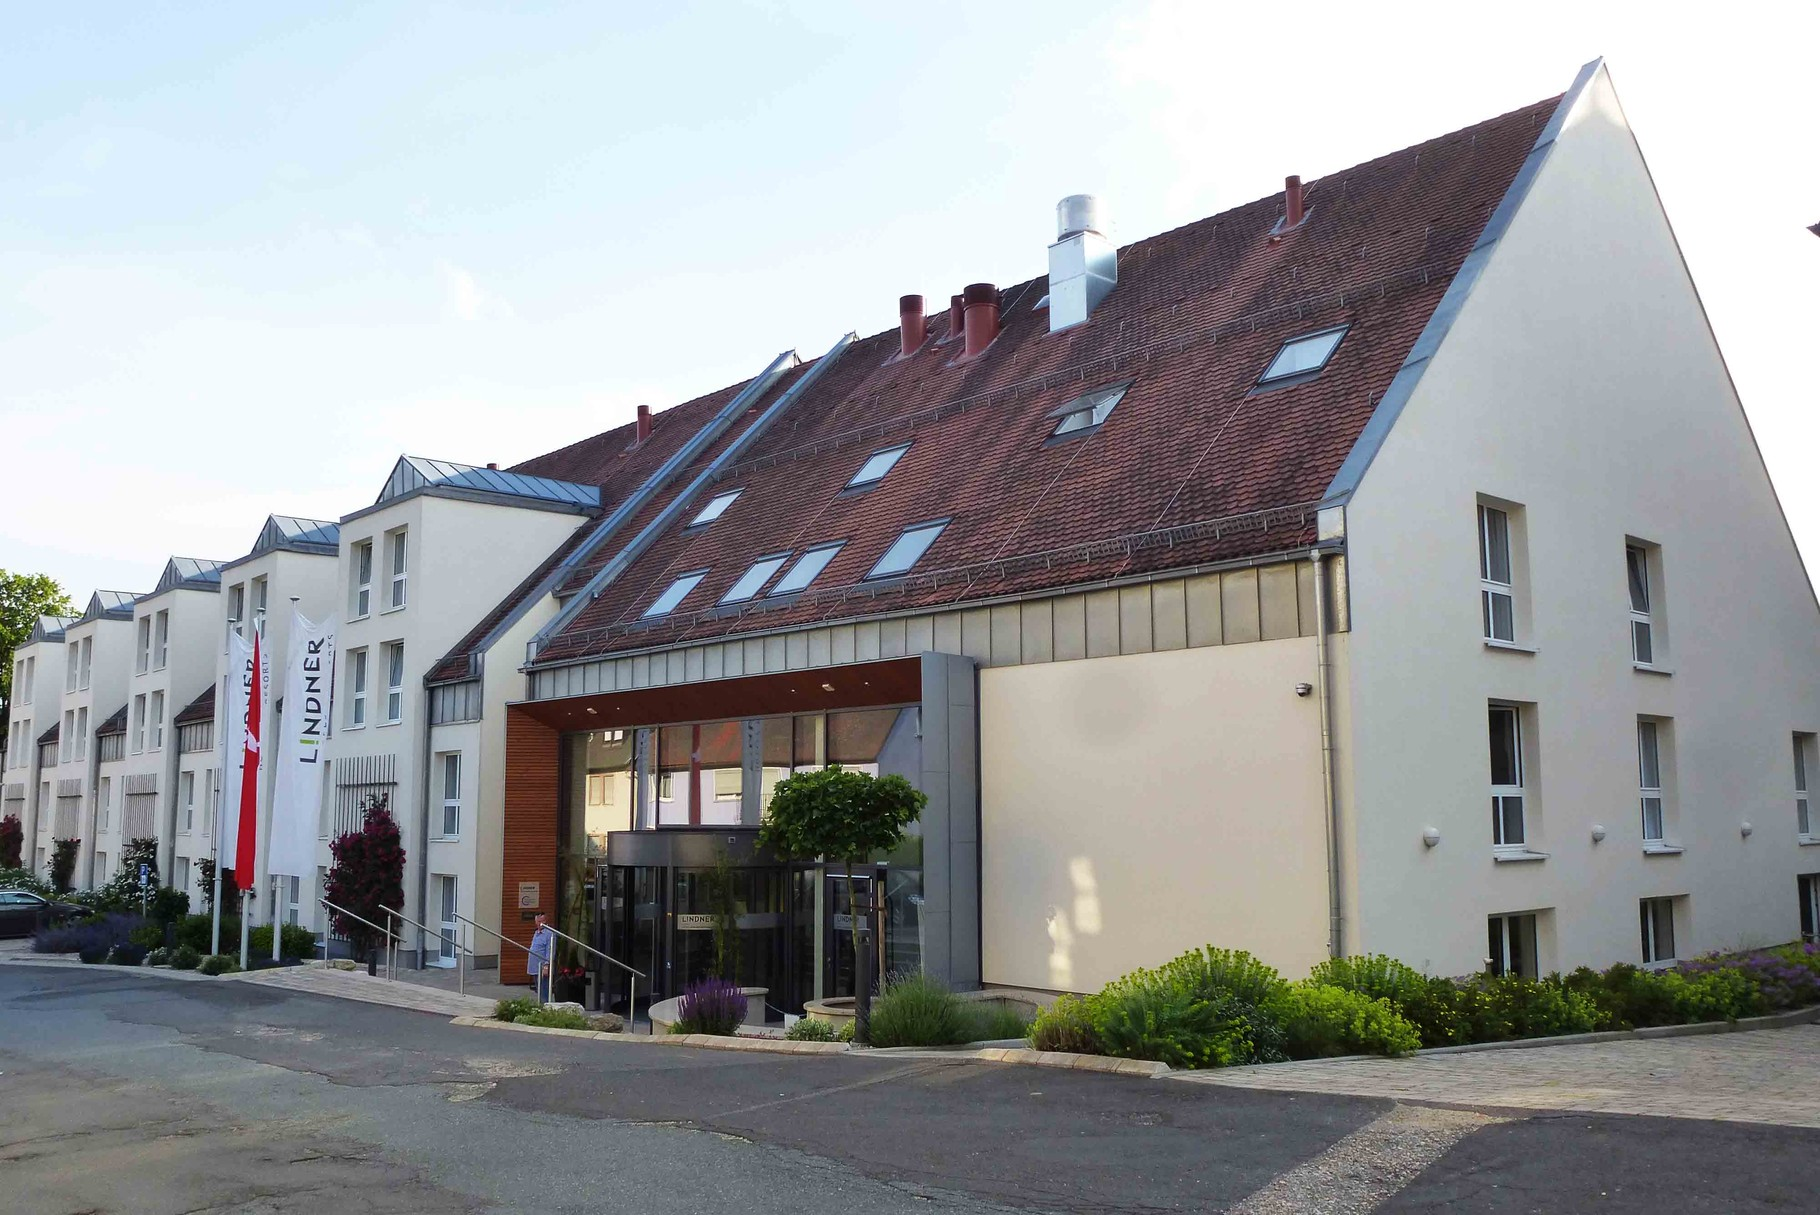 Ankunft im Hotel Lindner, Schloss Reichmannsdorf in Schlüsselfeld